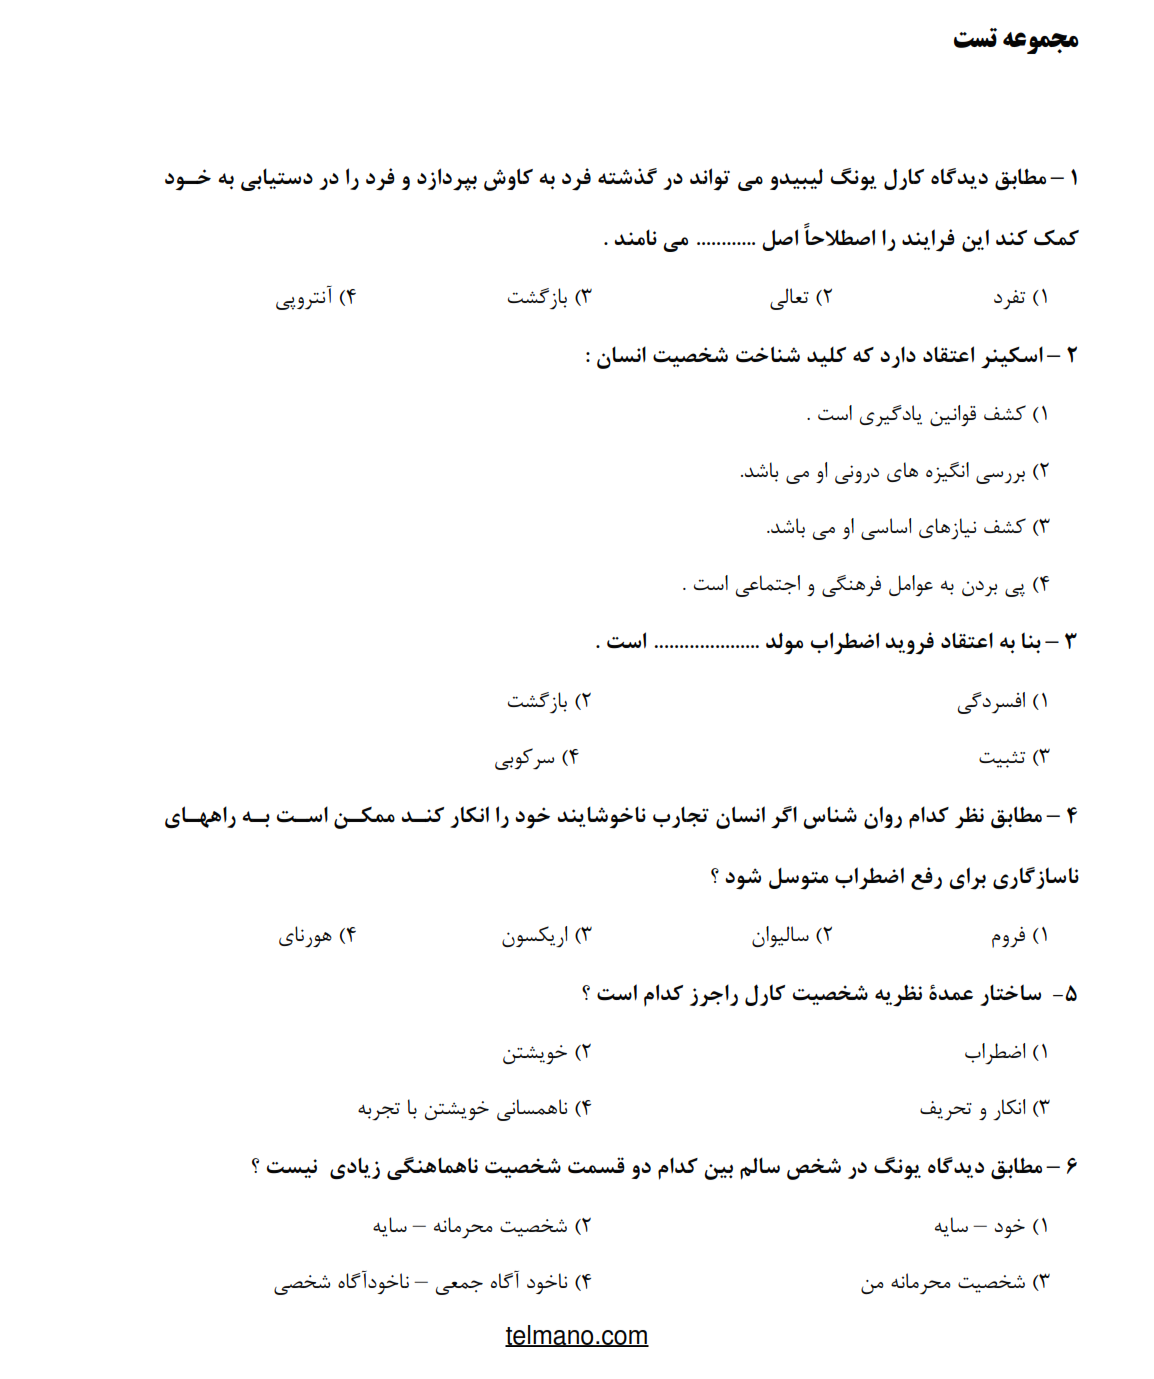 دانلود رایگان متن خلاصه کتاب نظریه های روانشناسی شخصیت شولتز یحیی سید محمدی pdf + نمونه سوالات